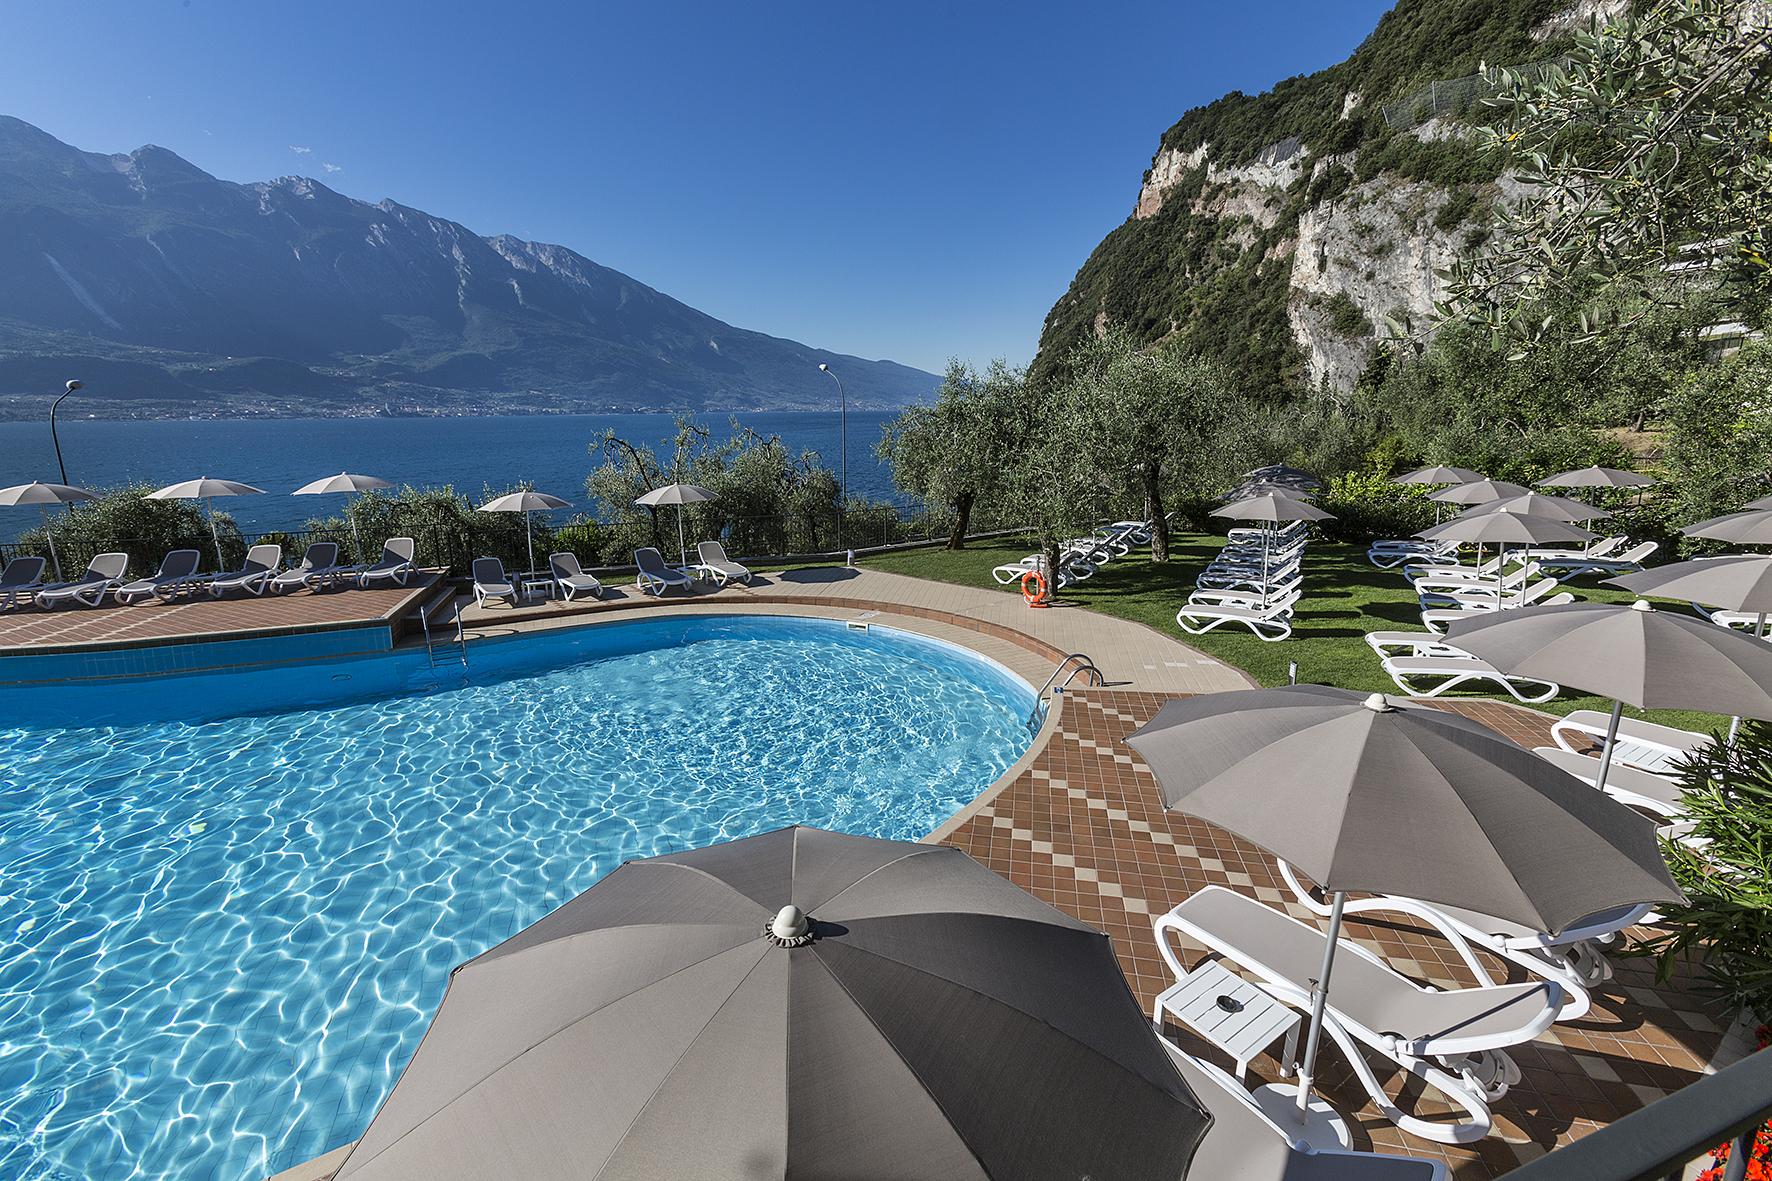 limone_sul_garda_hotel_atilius_piscina501.jpg